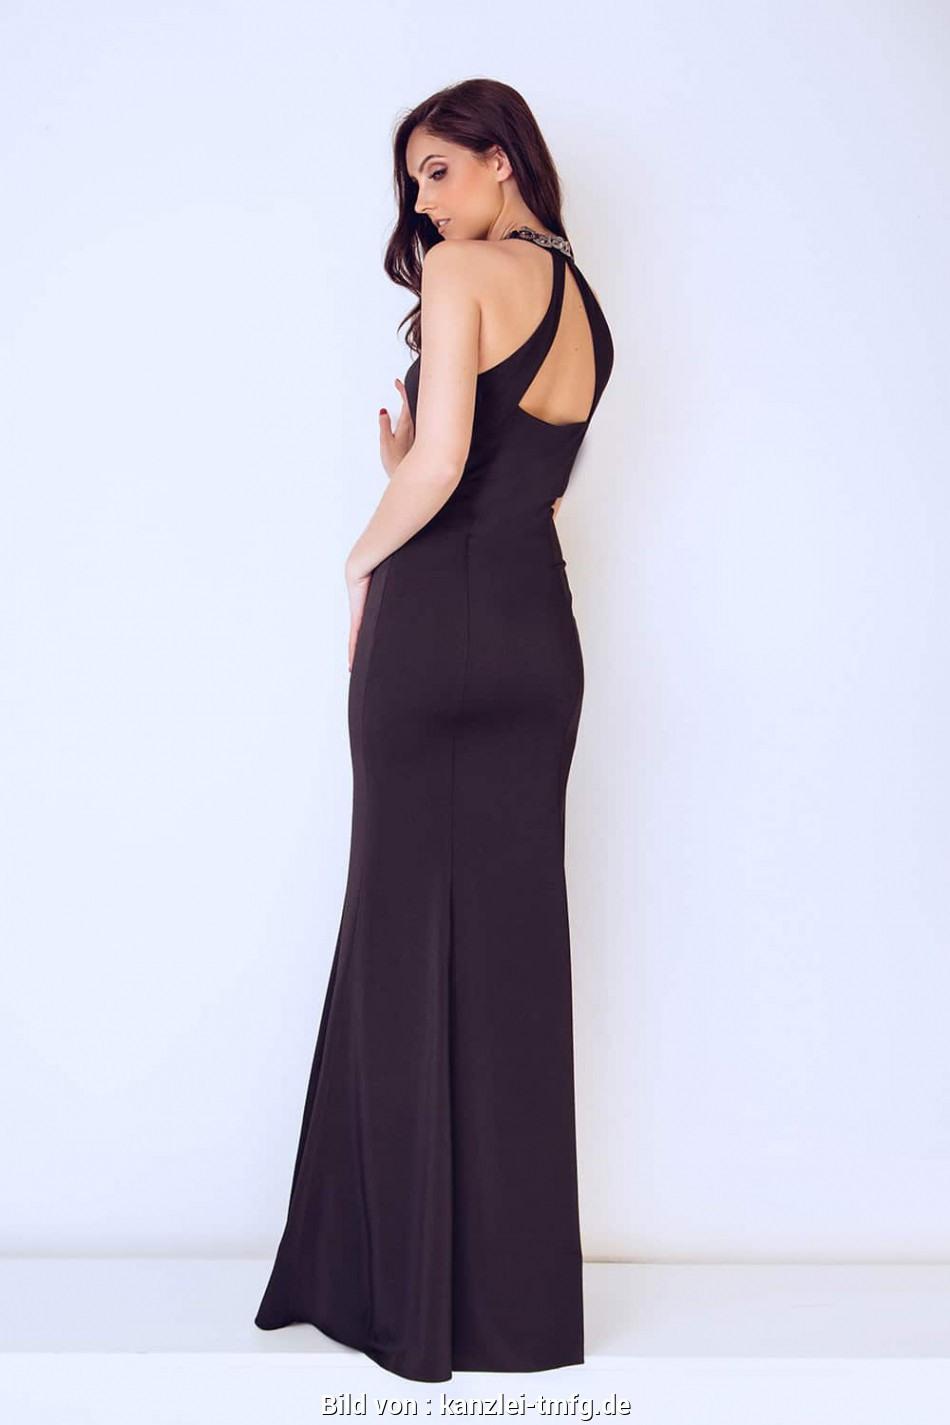 15 Top Abendkleider Mainz für 201910 Erstaunlich Abendkleider Mainz Boutique